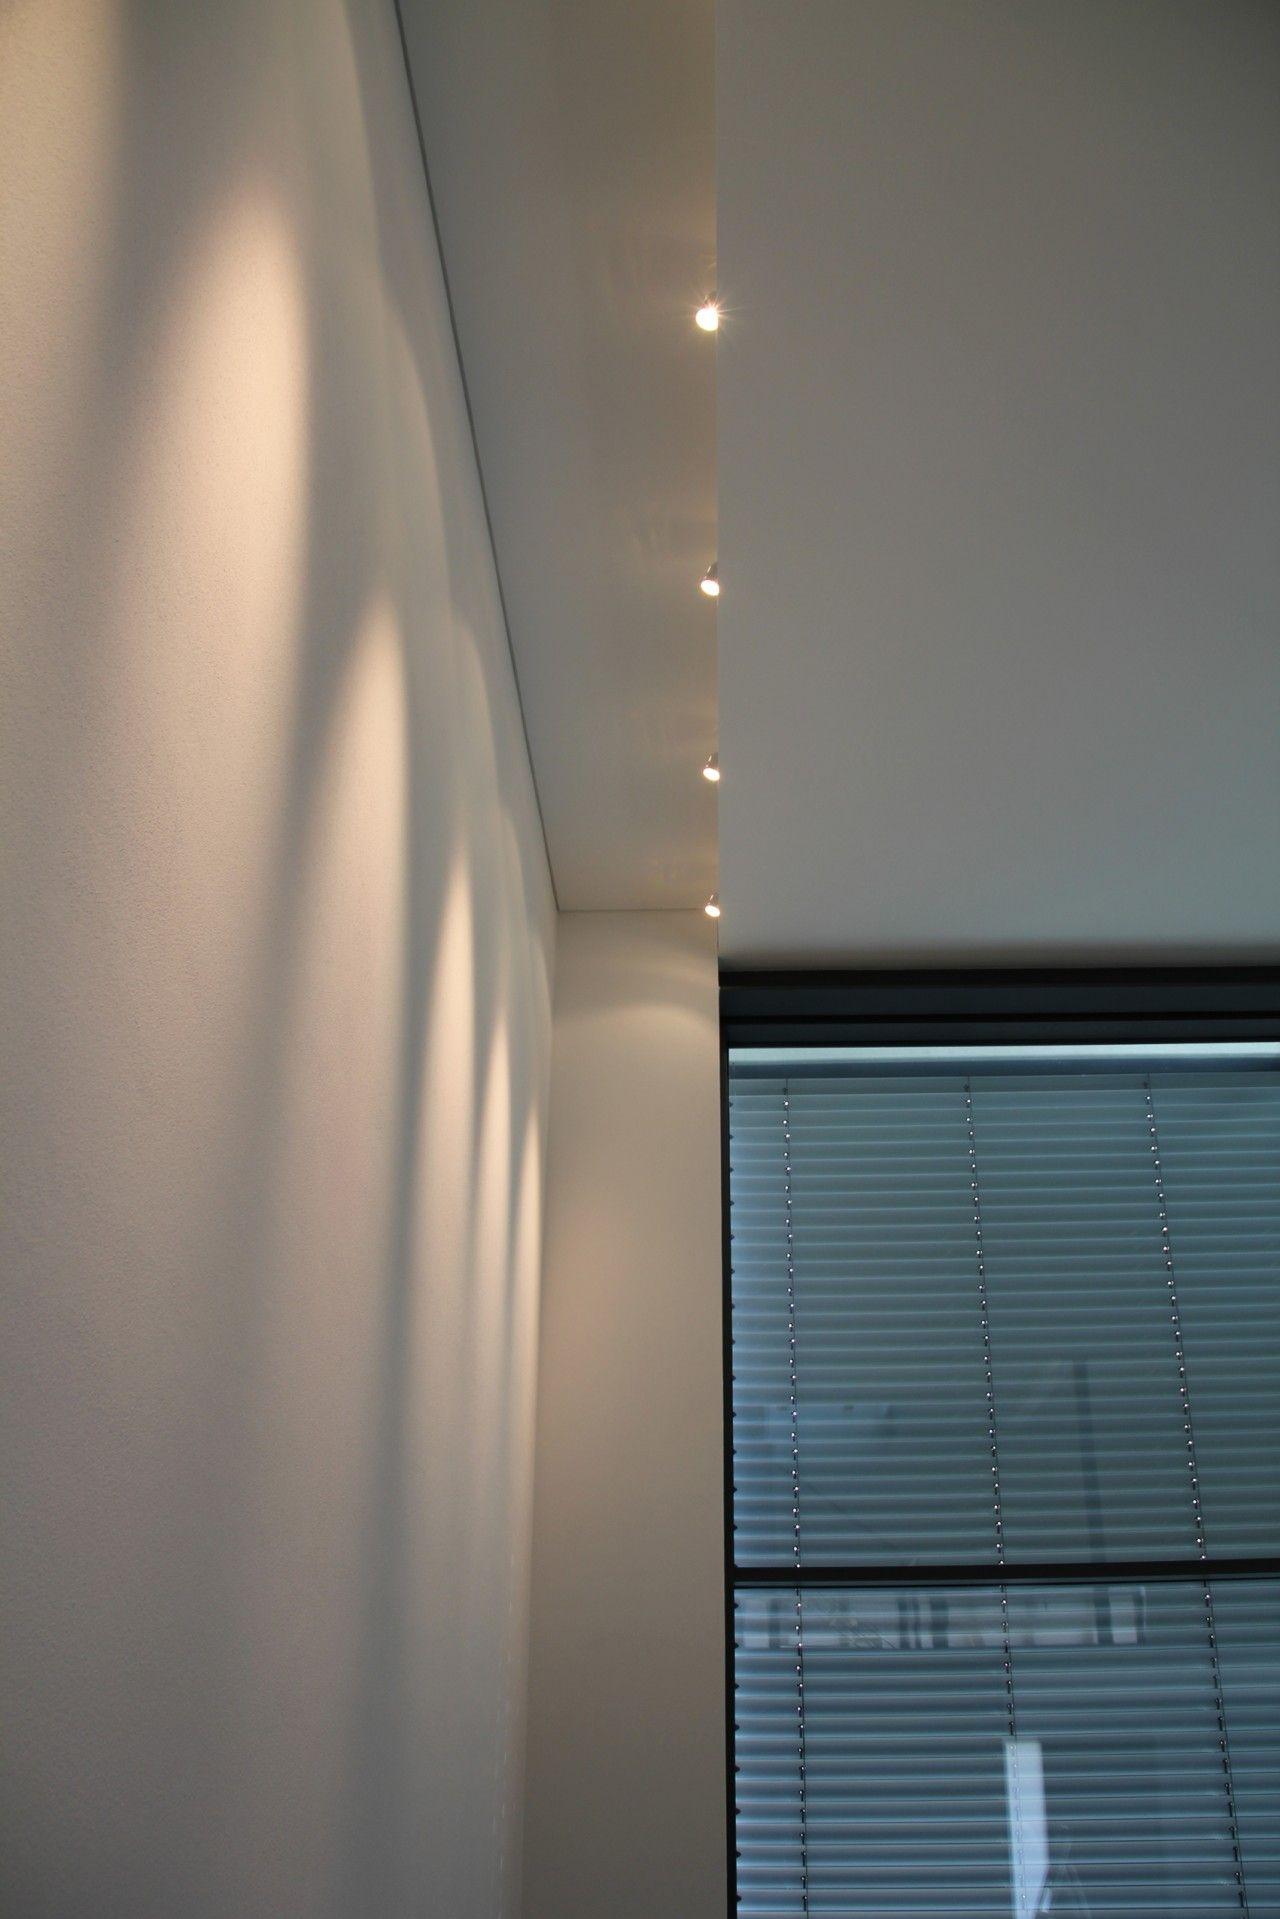 Simone Waldenmaier Lichtplanung Innenarchitektur Realisiert Innenraumkonzepte Und Beleuchtungssituationen Li Lichtplanung Licht Und Raum Beleuchtungskonzepte